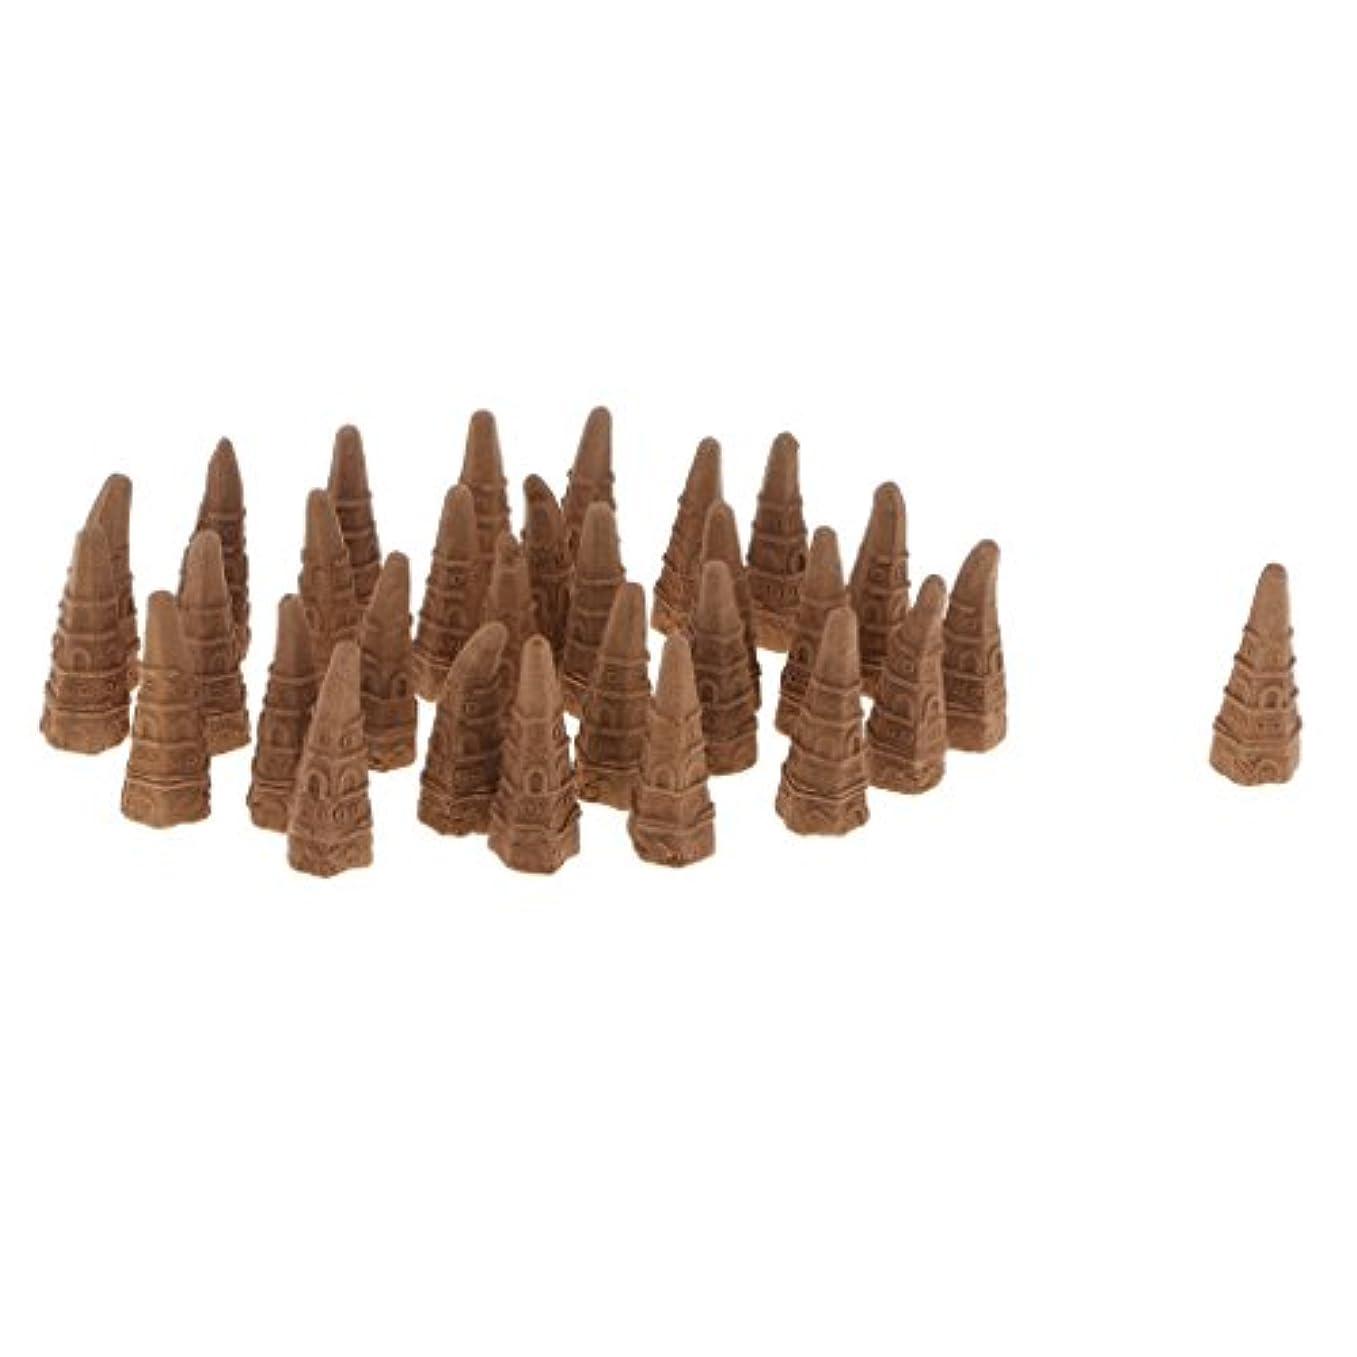 最後の慎重西ボックス スモールタワーコーン型 逆流香り 仏教 サンダルウッド 全2種 - オーストラリアサンダルウッド